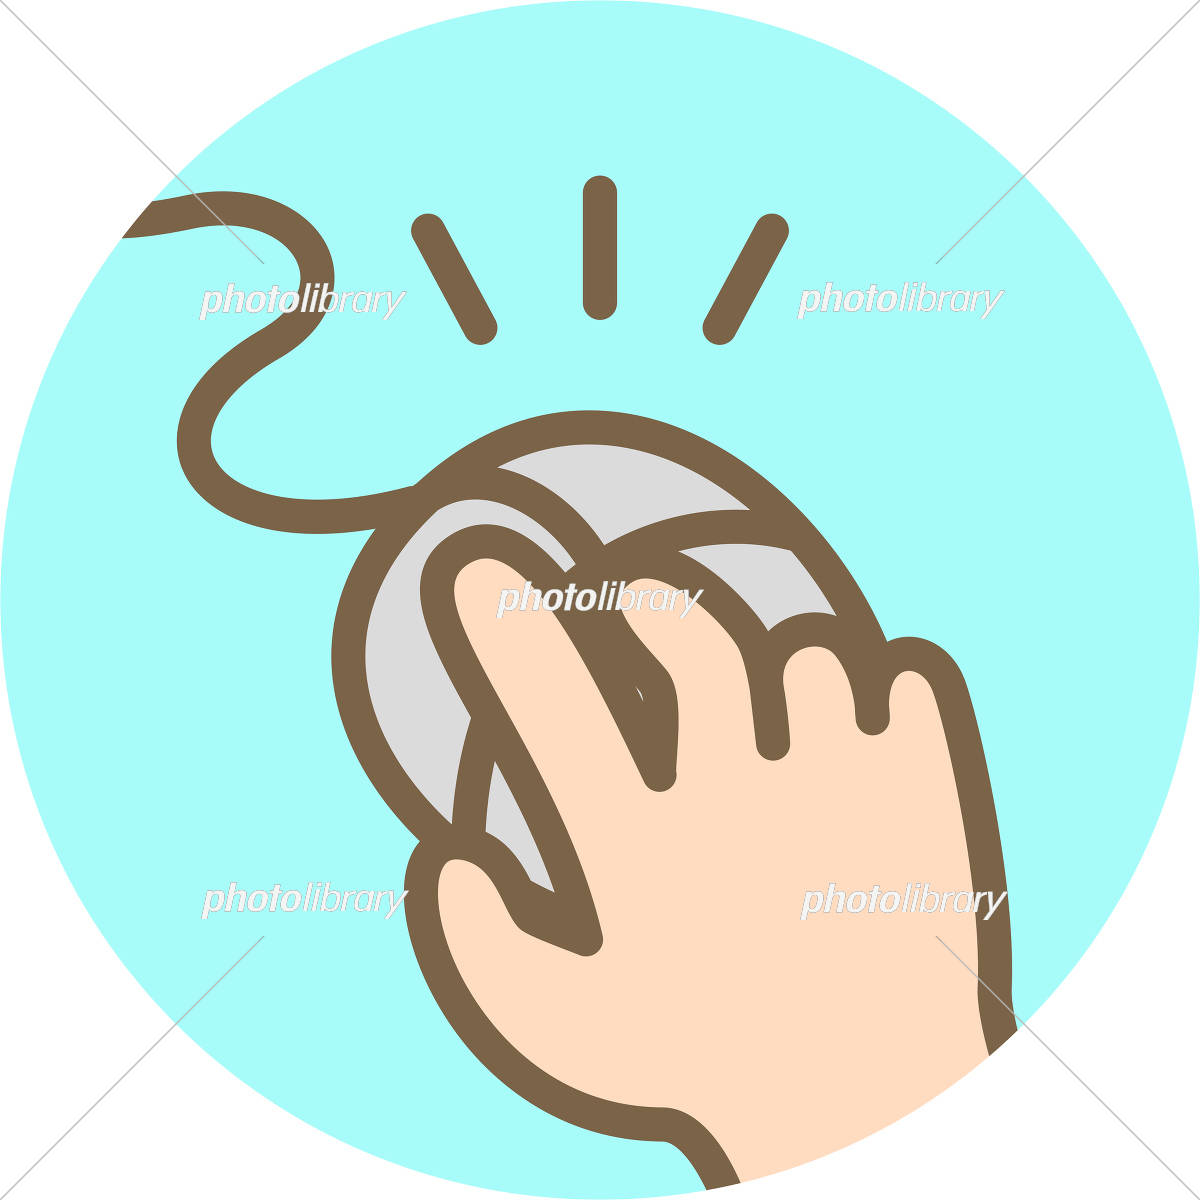 マウスをクリックする手 イラスト素材 5155201 フォトライブラリー